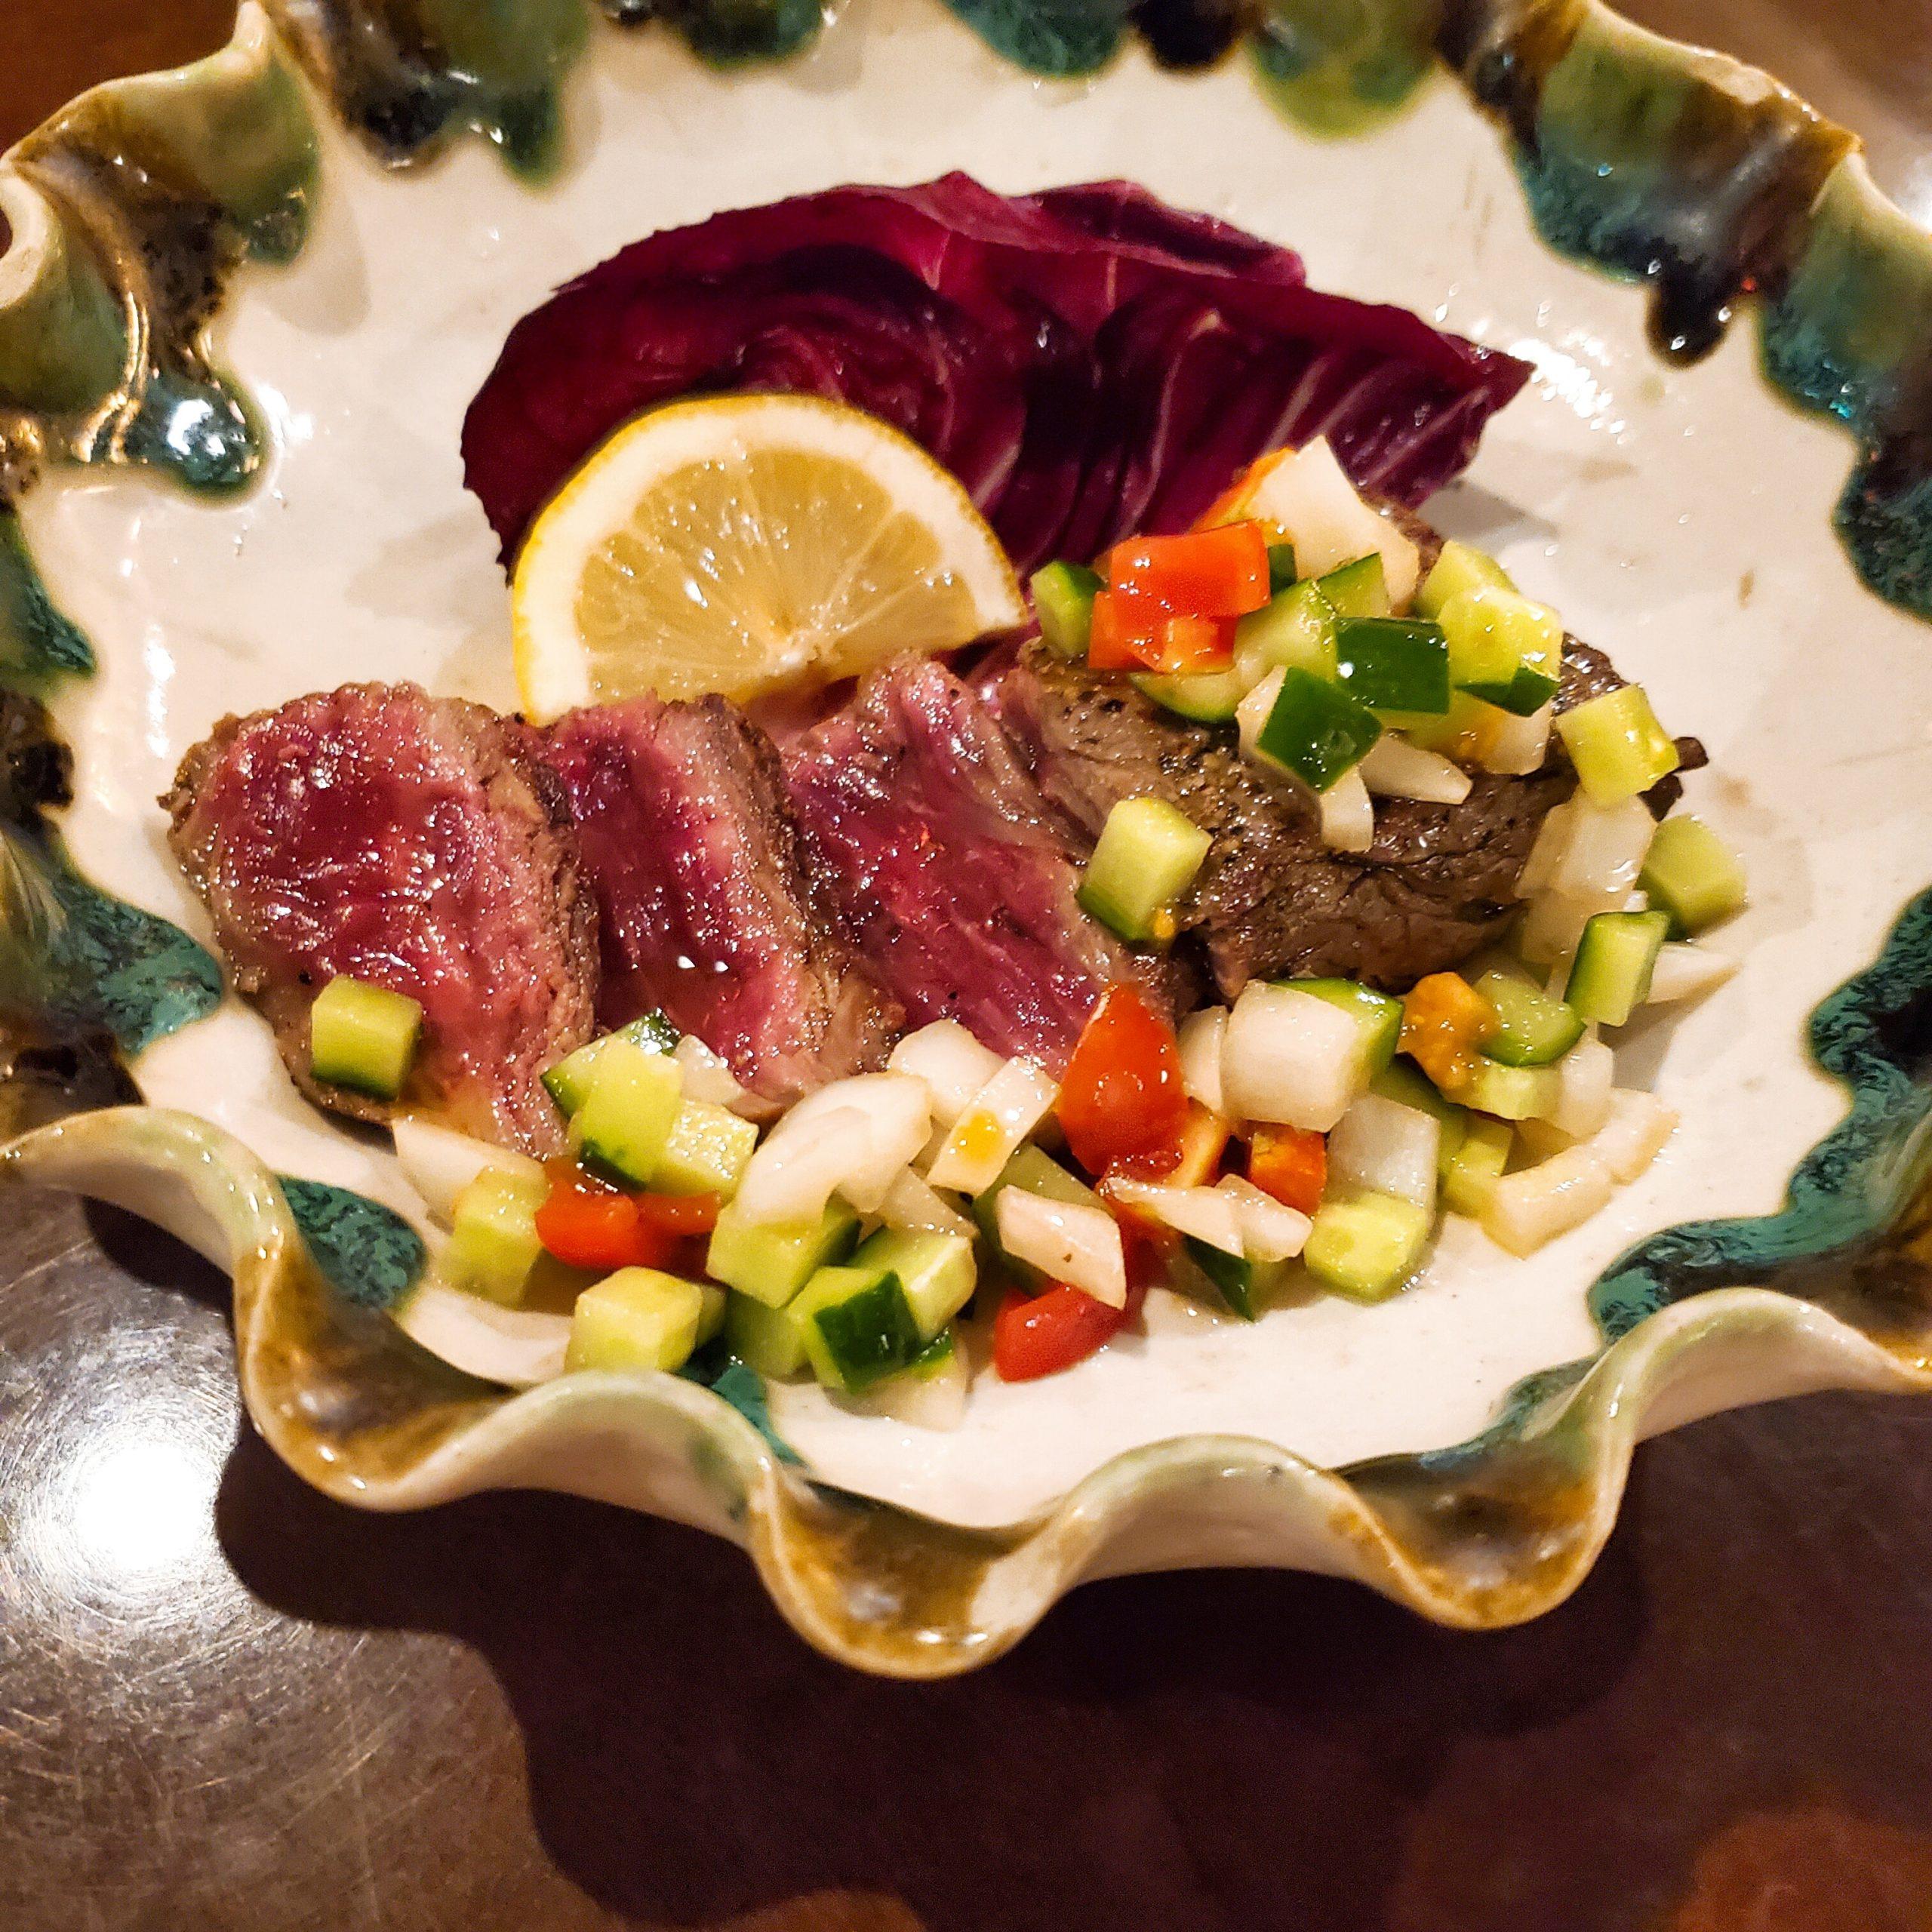 牛ステーキと野菜のオリーブオイルカクテル添え